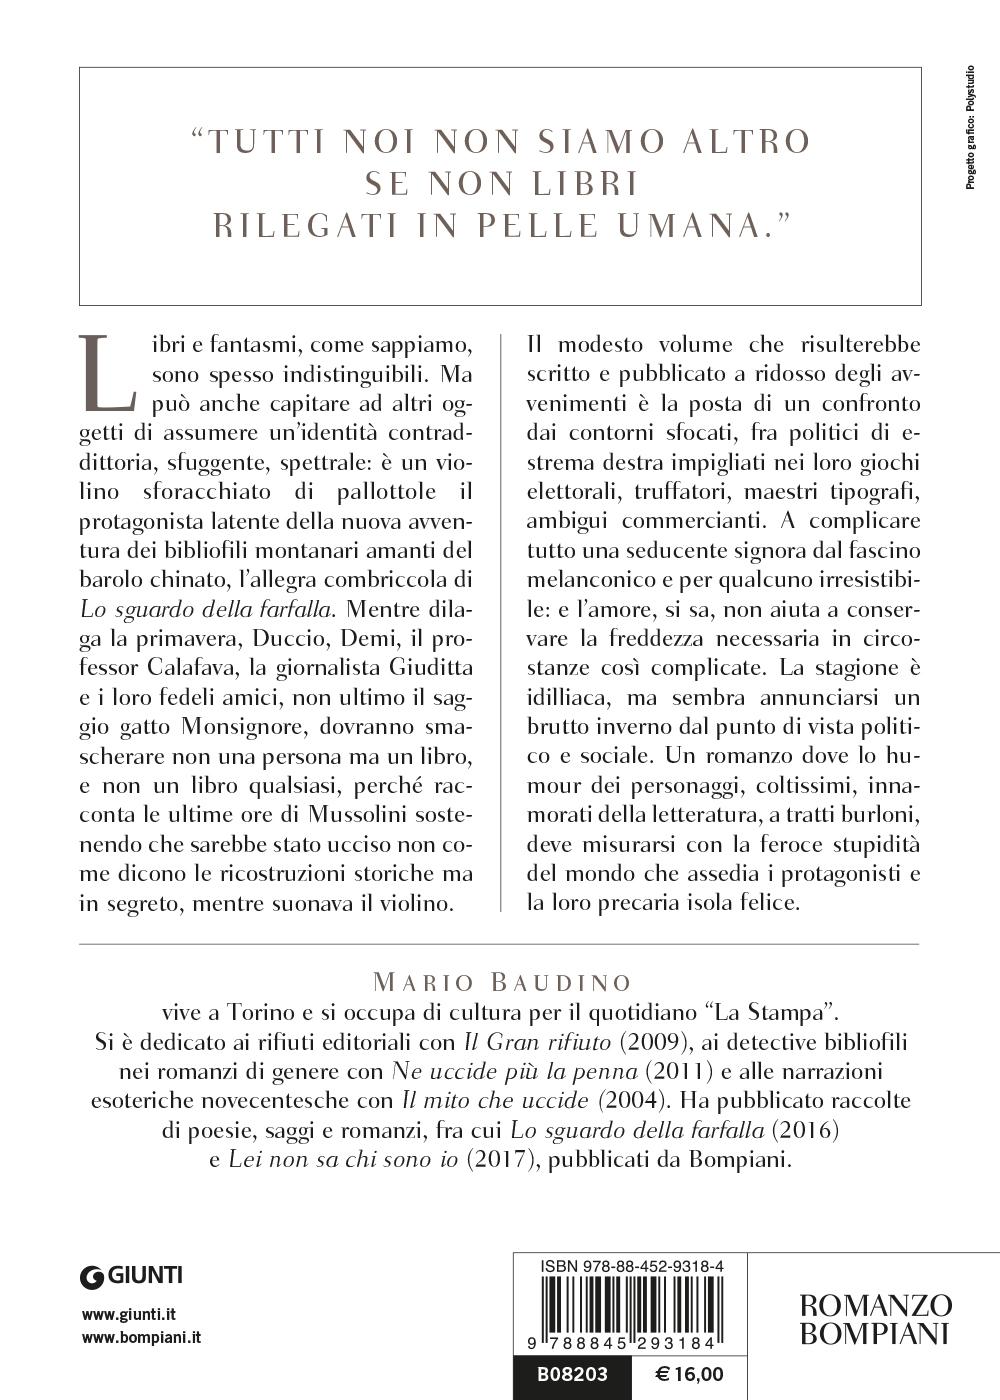 Il violino di Mussolini